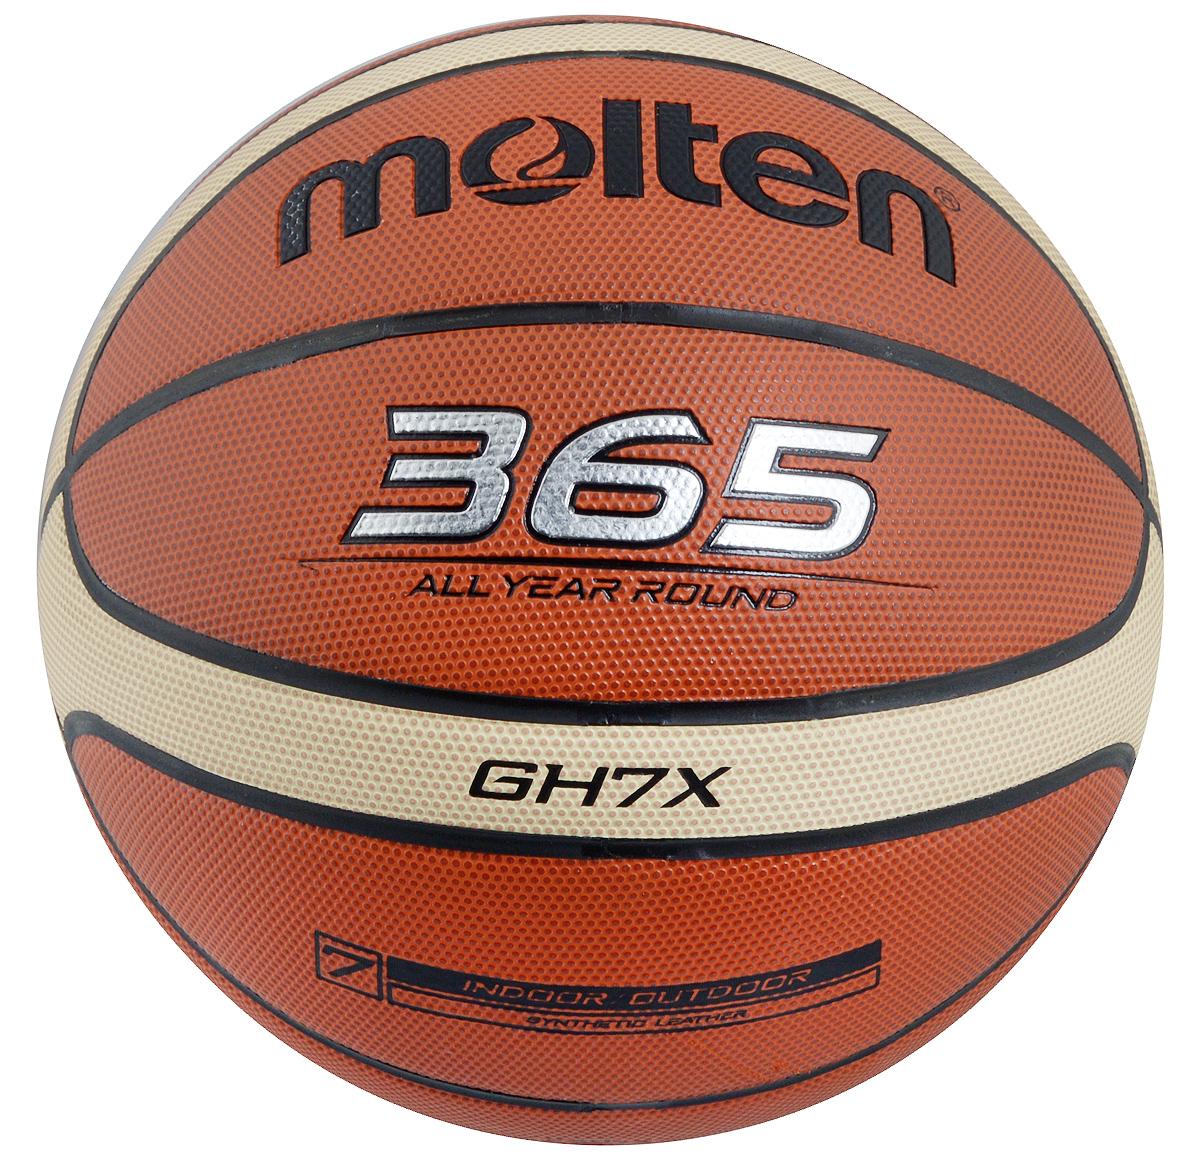 """Мяч баскетбольный """"Molten"""", цвет: терракотовый, бежевый. Размер 7. BGH7X"""